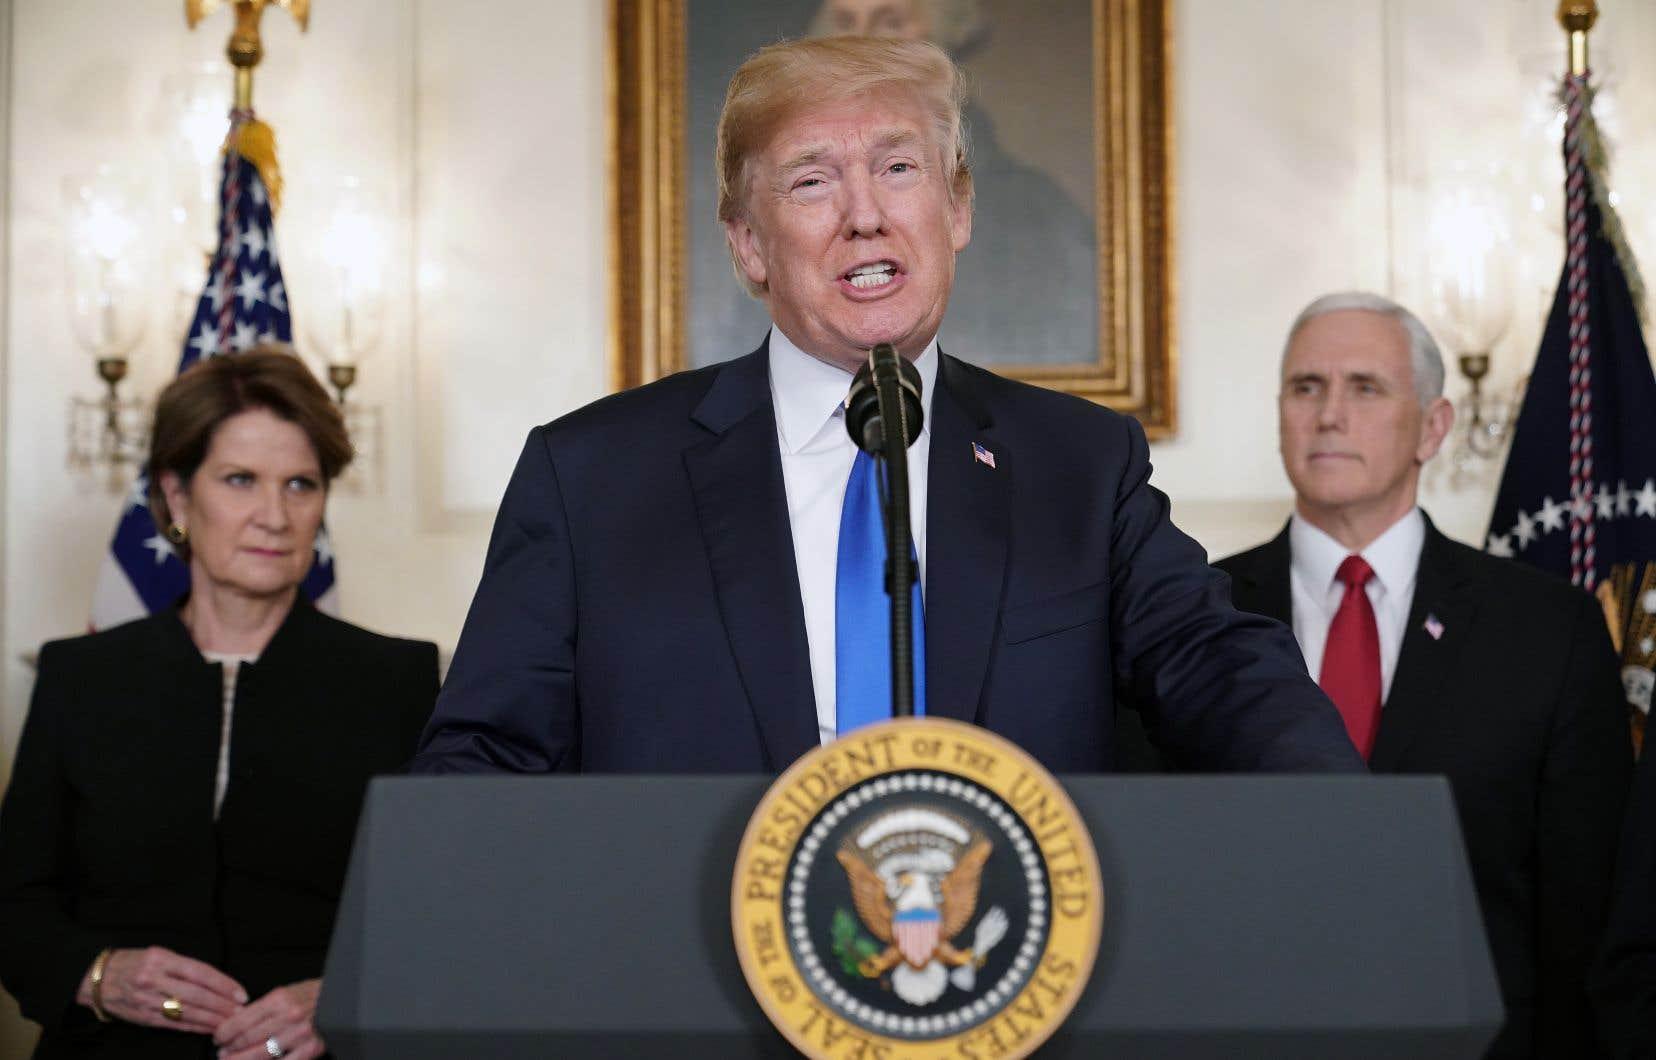 L'annonce de Donald Trump pourrait conduire à une guerre commerciale, Pékin ayant d'ores et déjà annoncé qu'il ne resterait «pas les bras croisés».